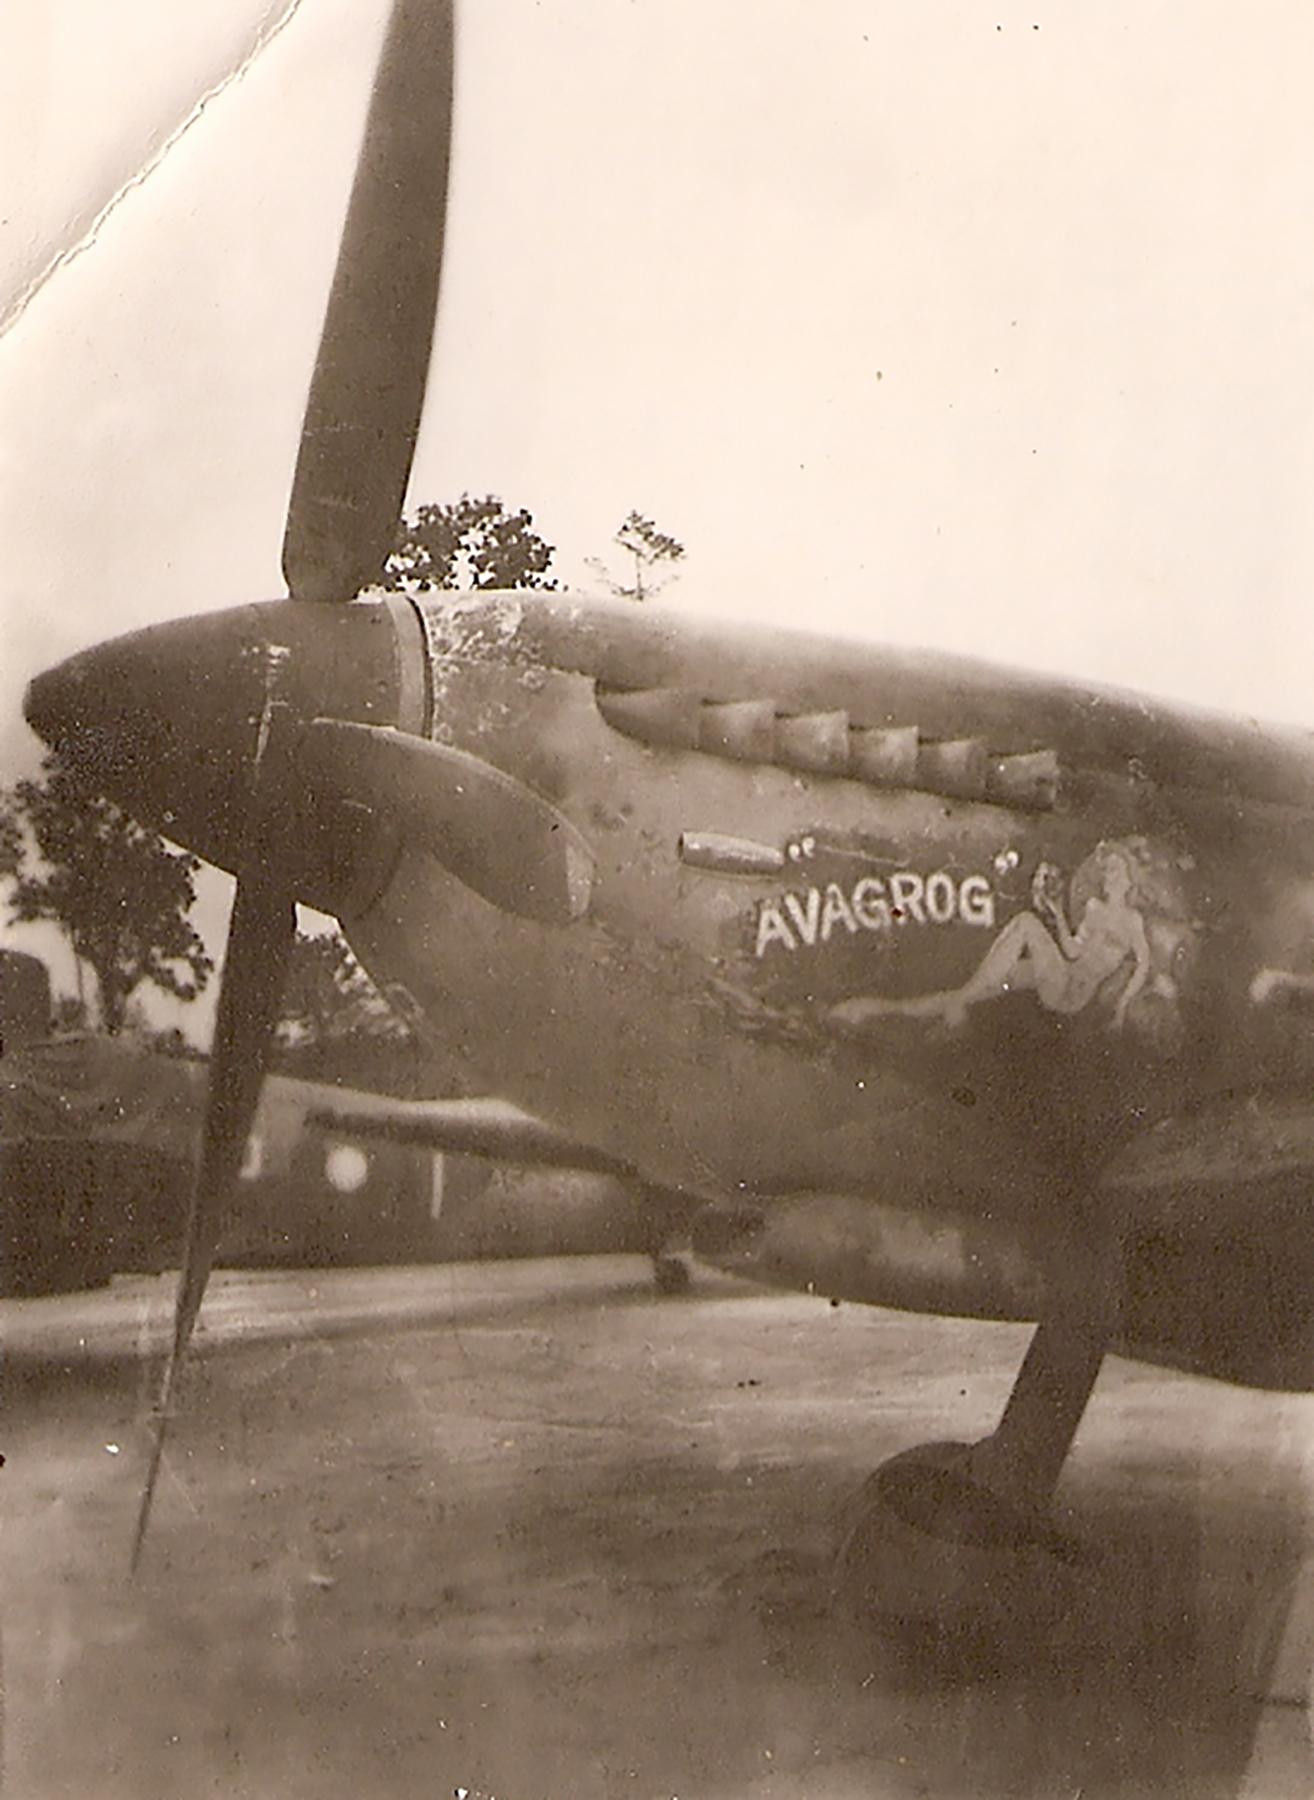 Spitfire RAAF AVAGROG A58 xxx 01